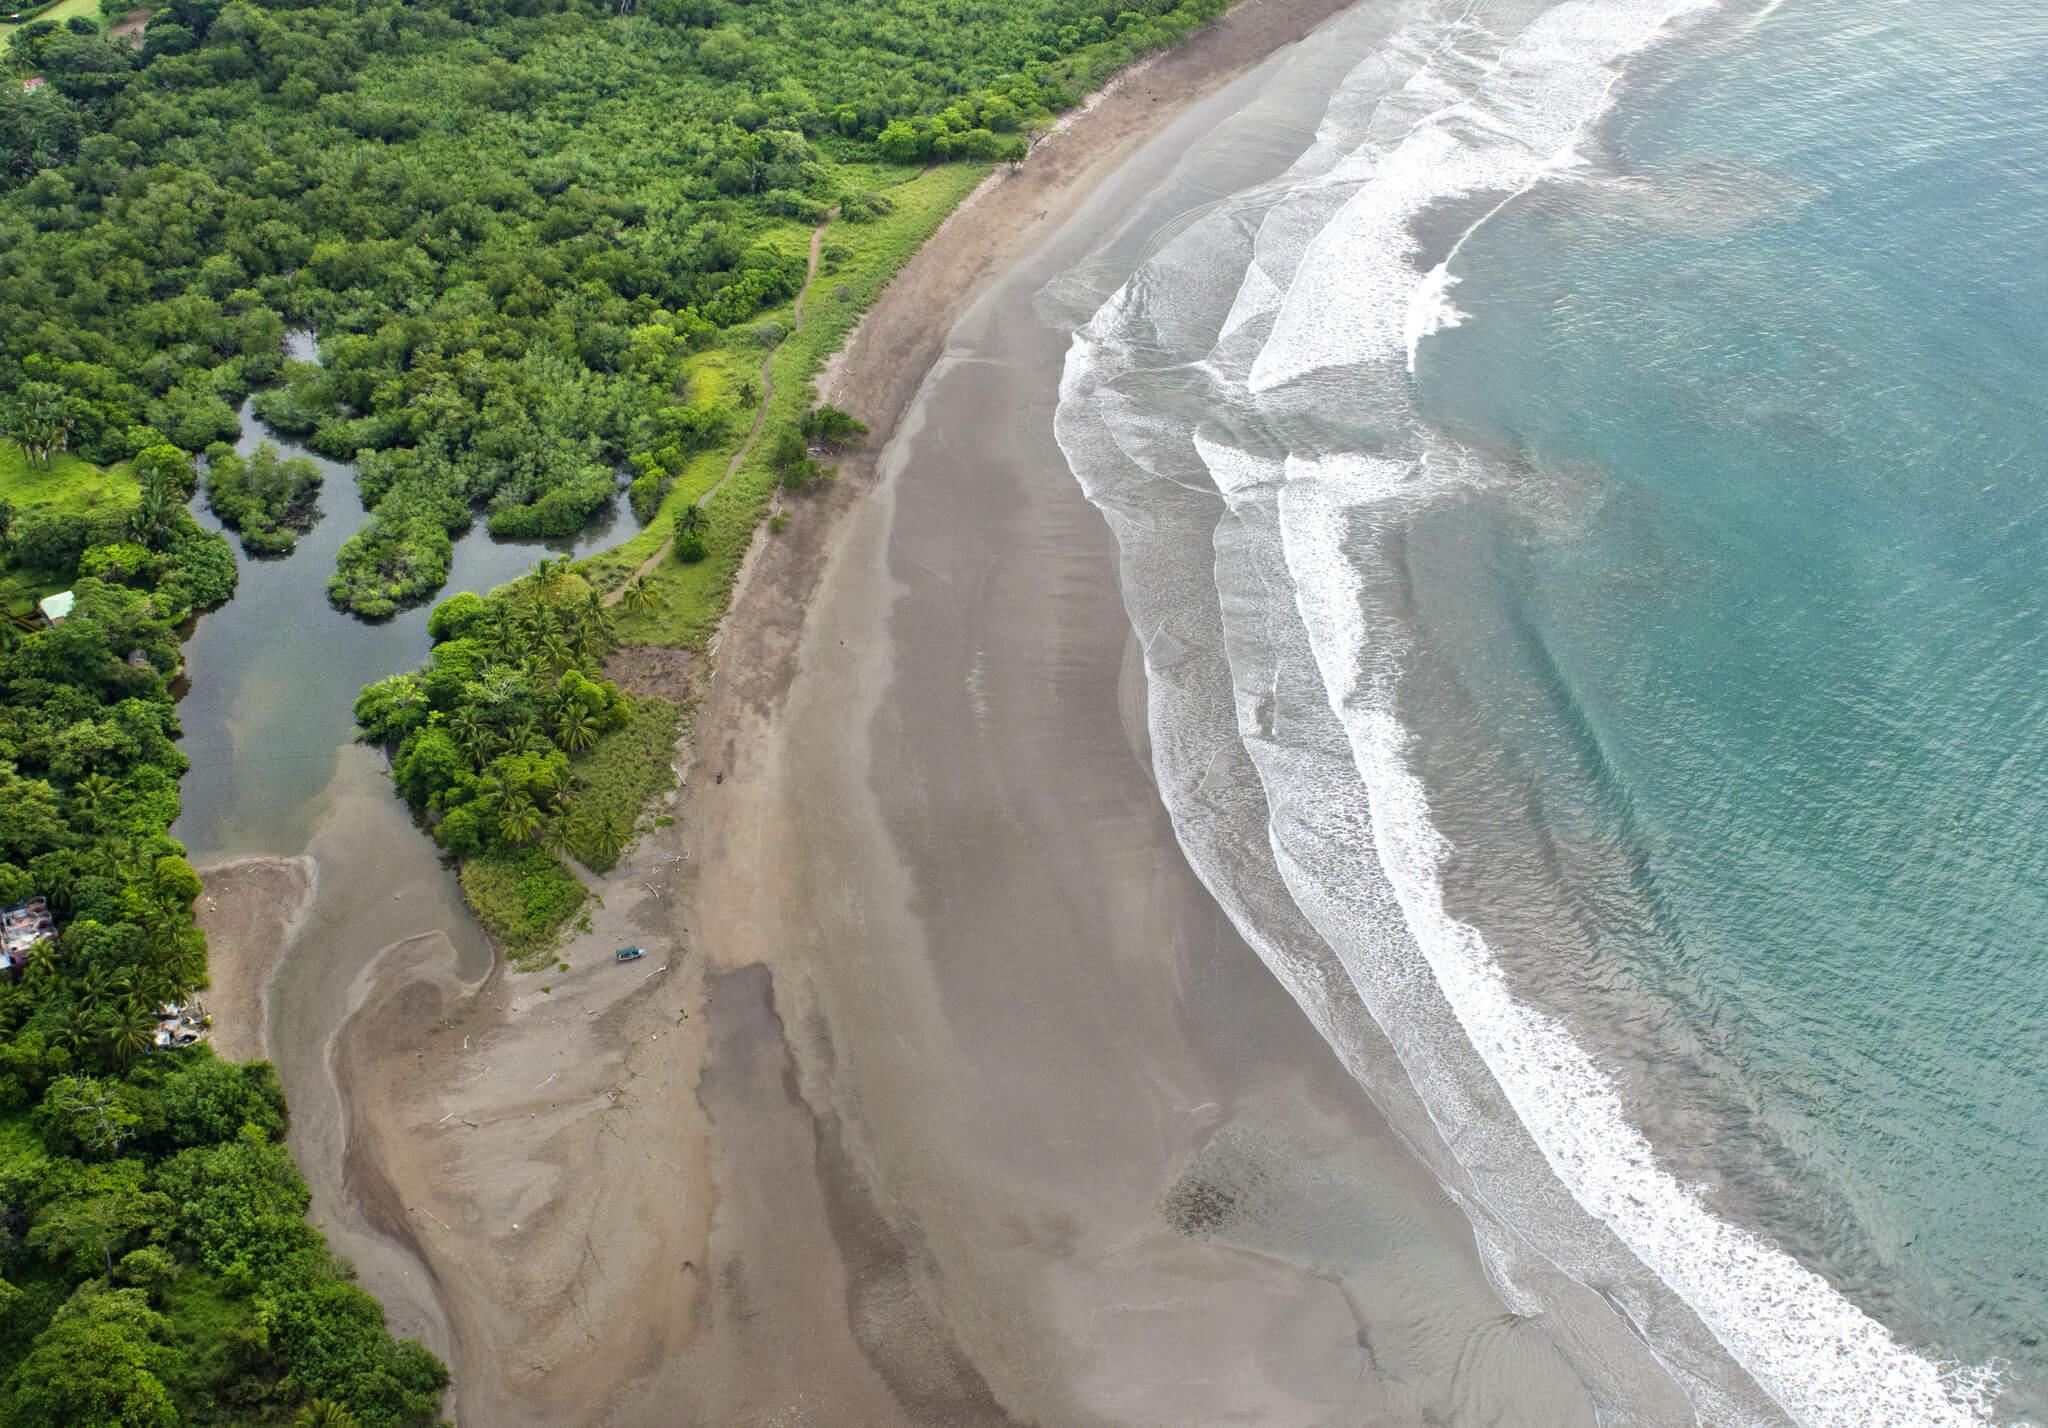 Barrigona Incredible Costa Rica Nature